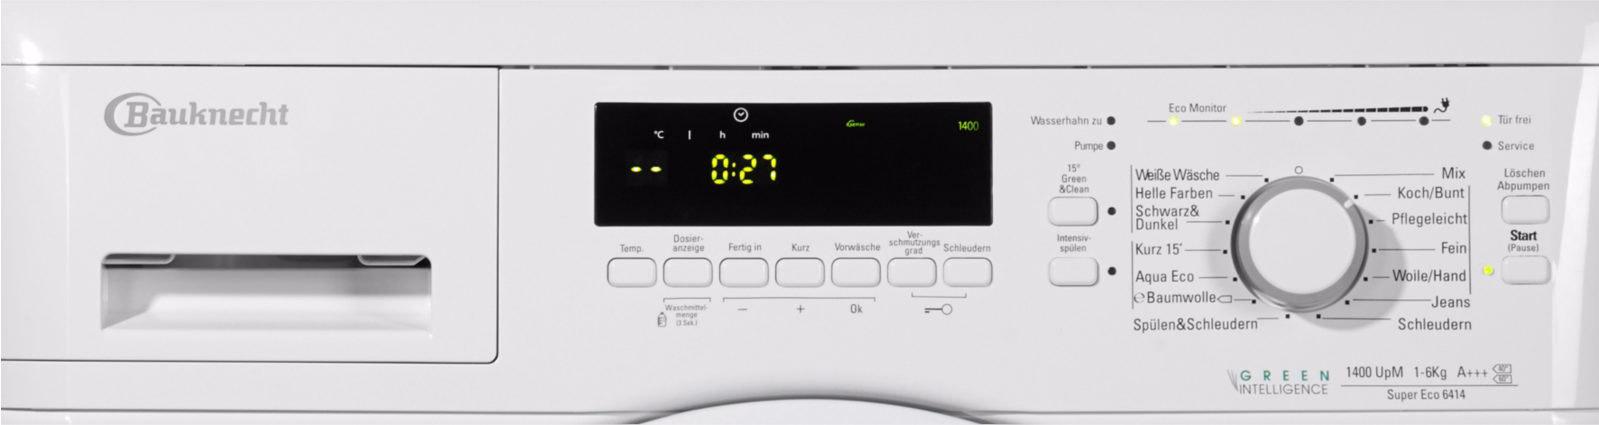 bauknecht super eco 6414 el lt lt s mos g p grx electro outlet. Black Bedroom Furniture Sets. Home Design Ideas